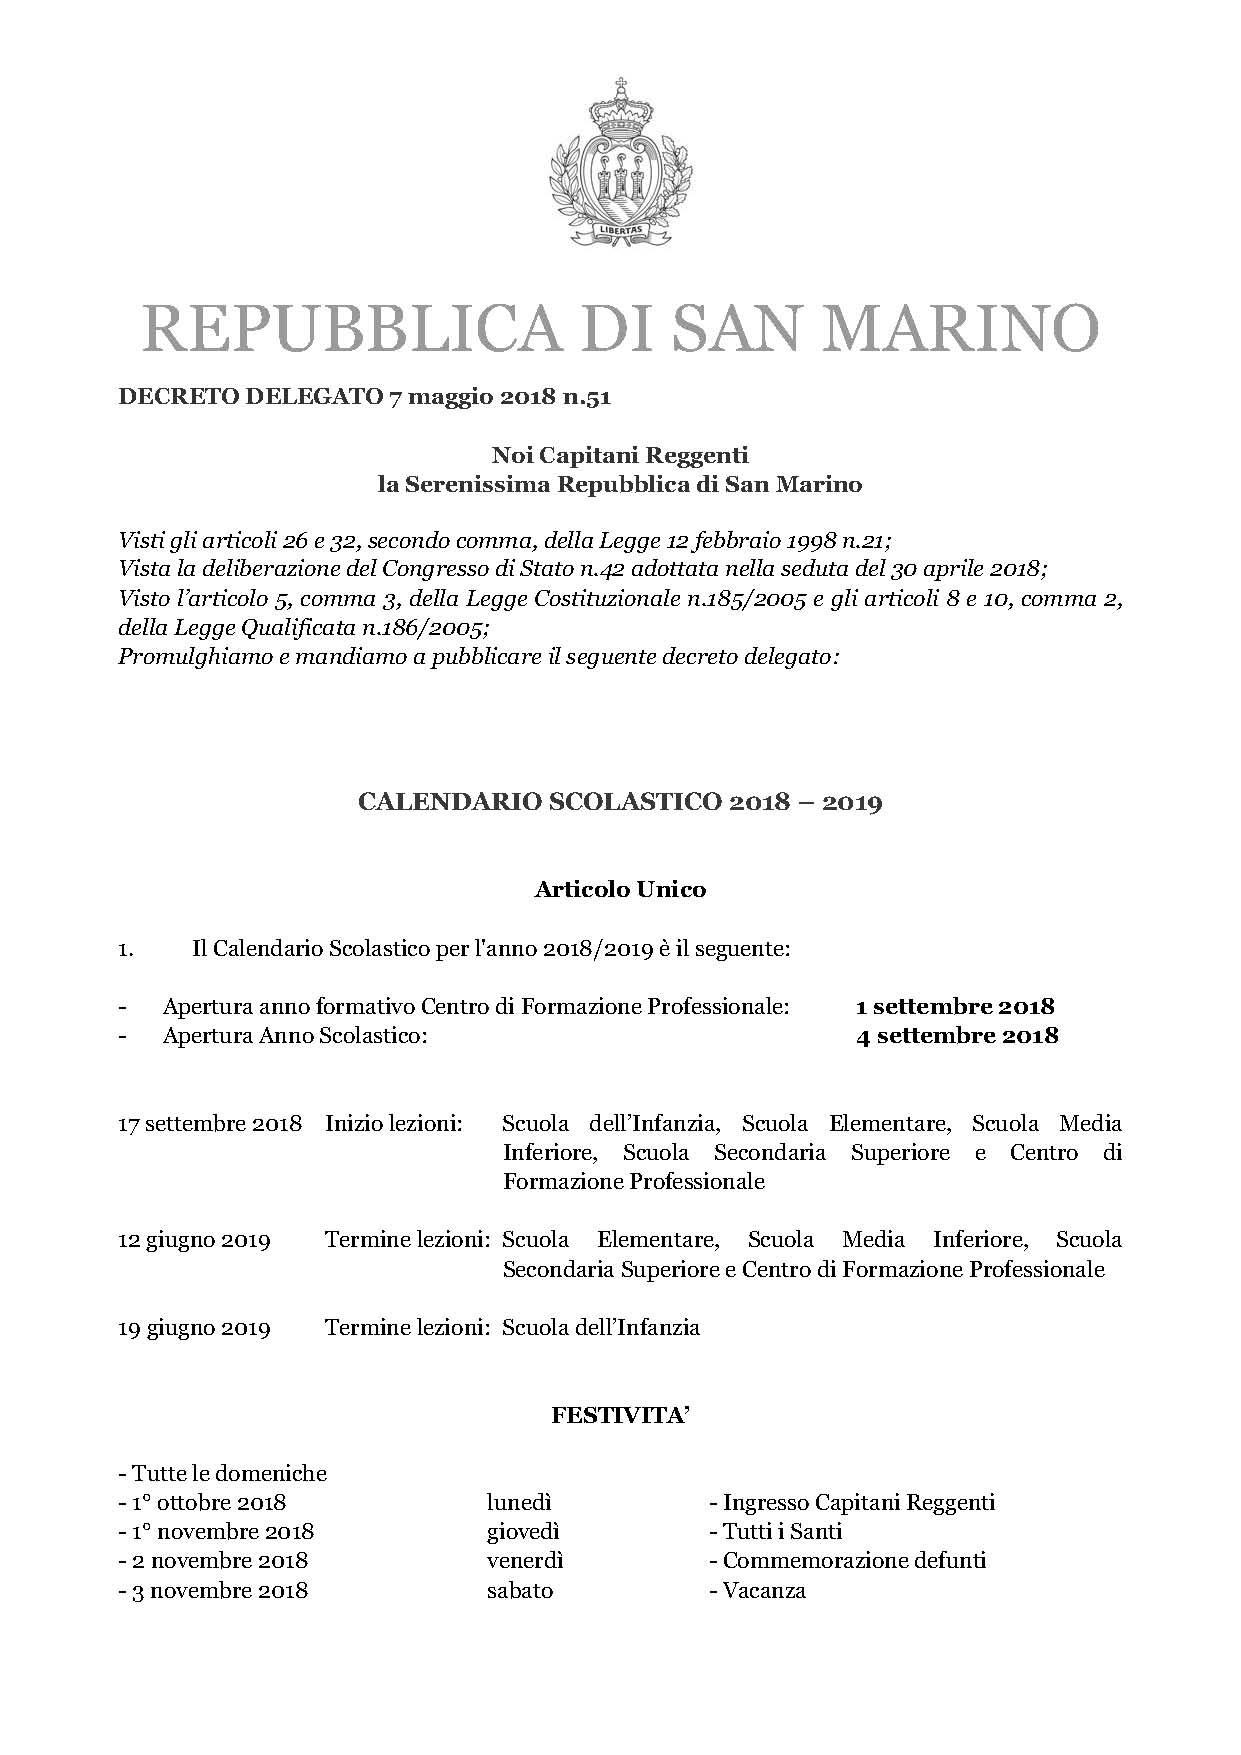 Calendario 2019 Con I Santi Más Reciente Home Portale Scuola Elementare Of Calendario 2019 Con I Santi Más Reciente isiones Obreras De Arag³n Huesca